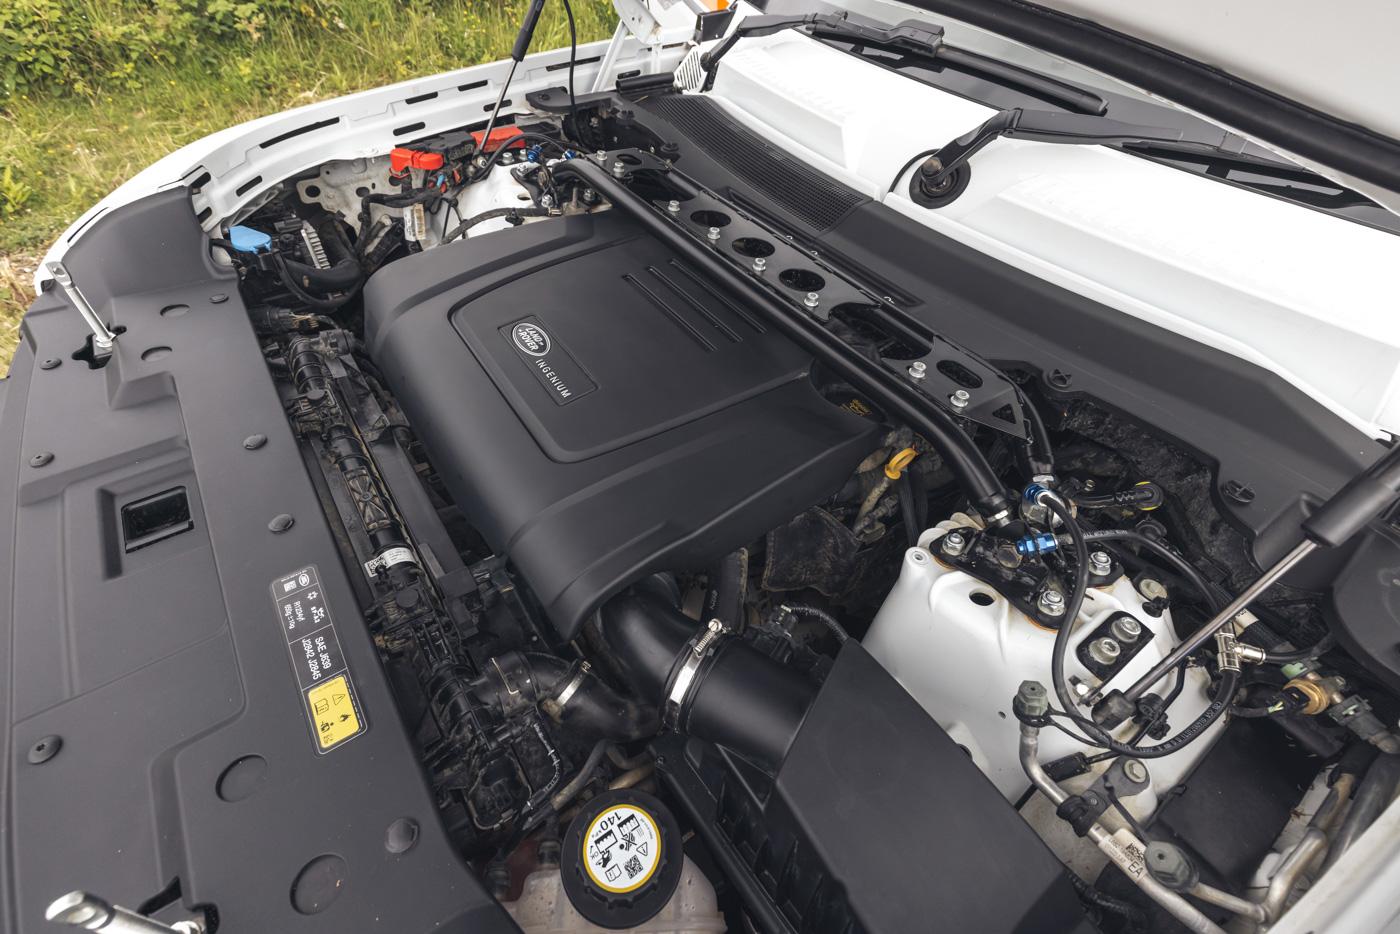 Land-Rover-hợp-tác-cùng-Bowler-ra-mắt-phiên-bản-đua-địa-hình-của-Defender-18.jpg